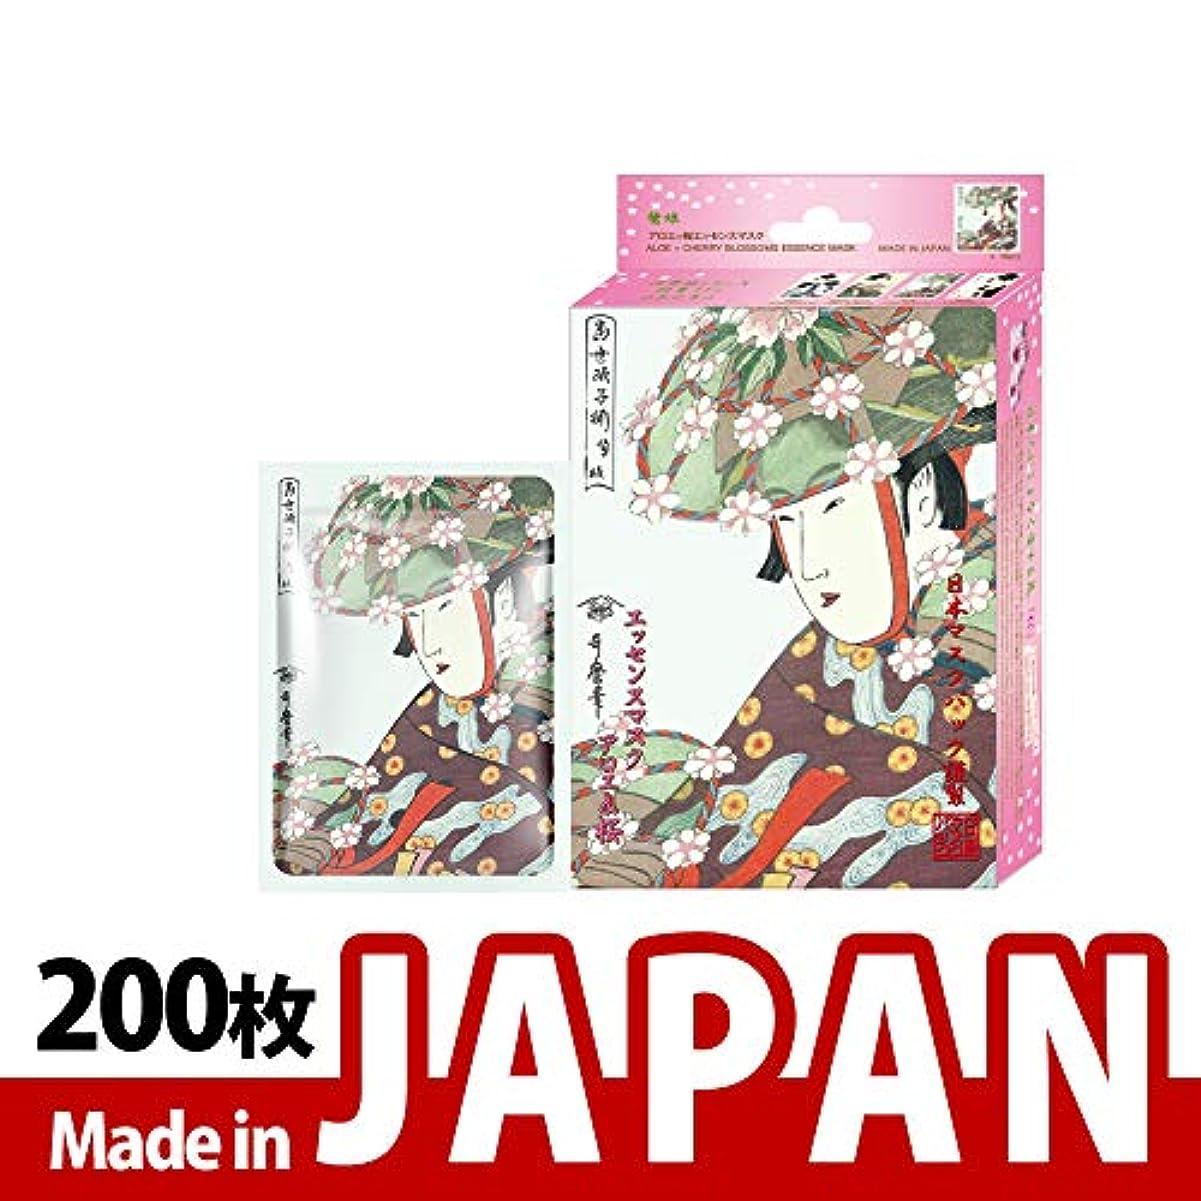 ビリーぼかし砂【JP004-A-2】シートマスク/10枚入り/200枚/美容液/マスクパック/送料無料